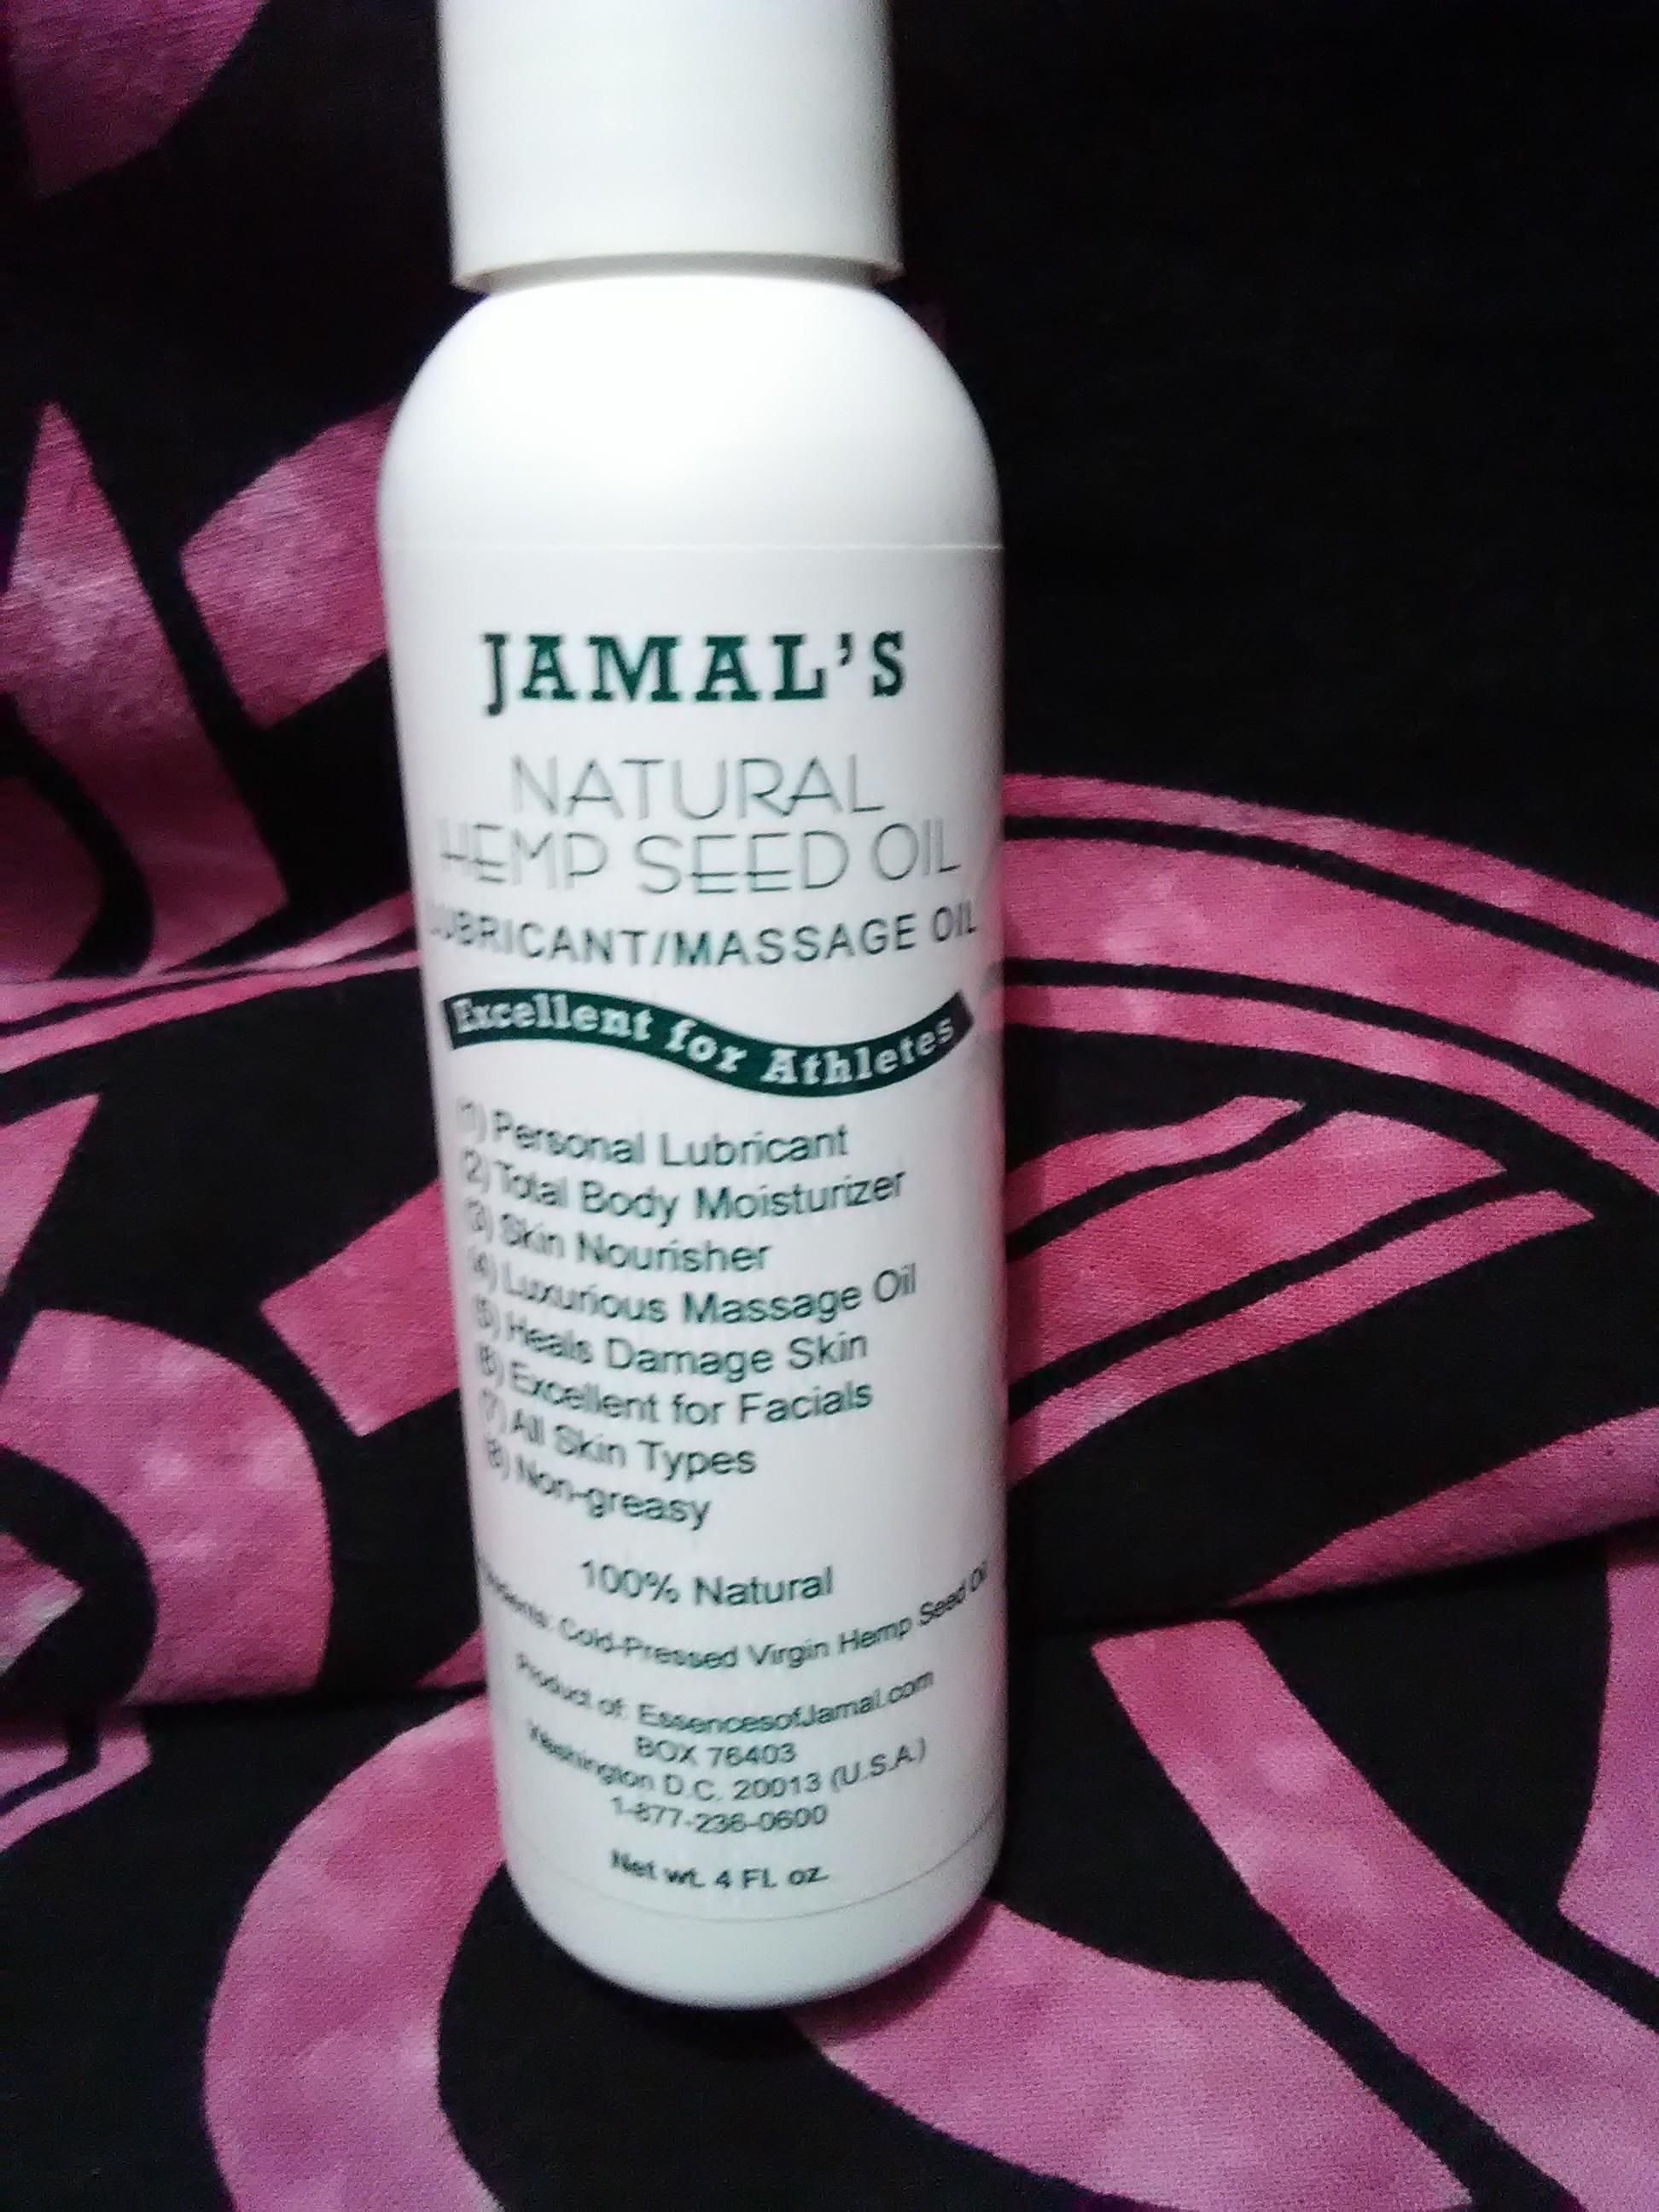 Essences Of Jamal.net/order online -24 hours . image 5